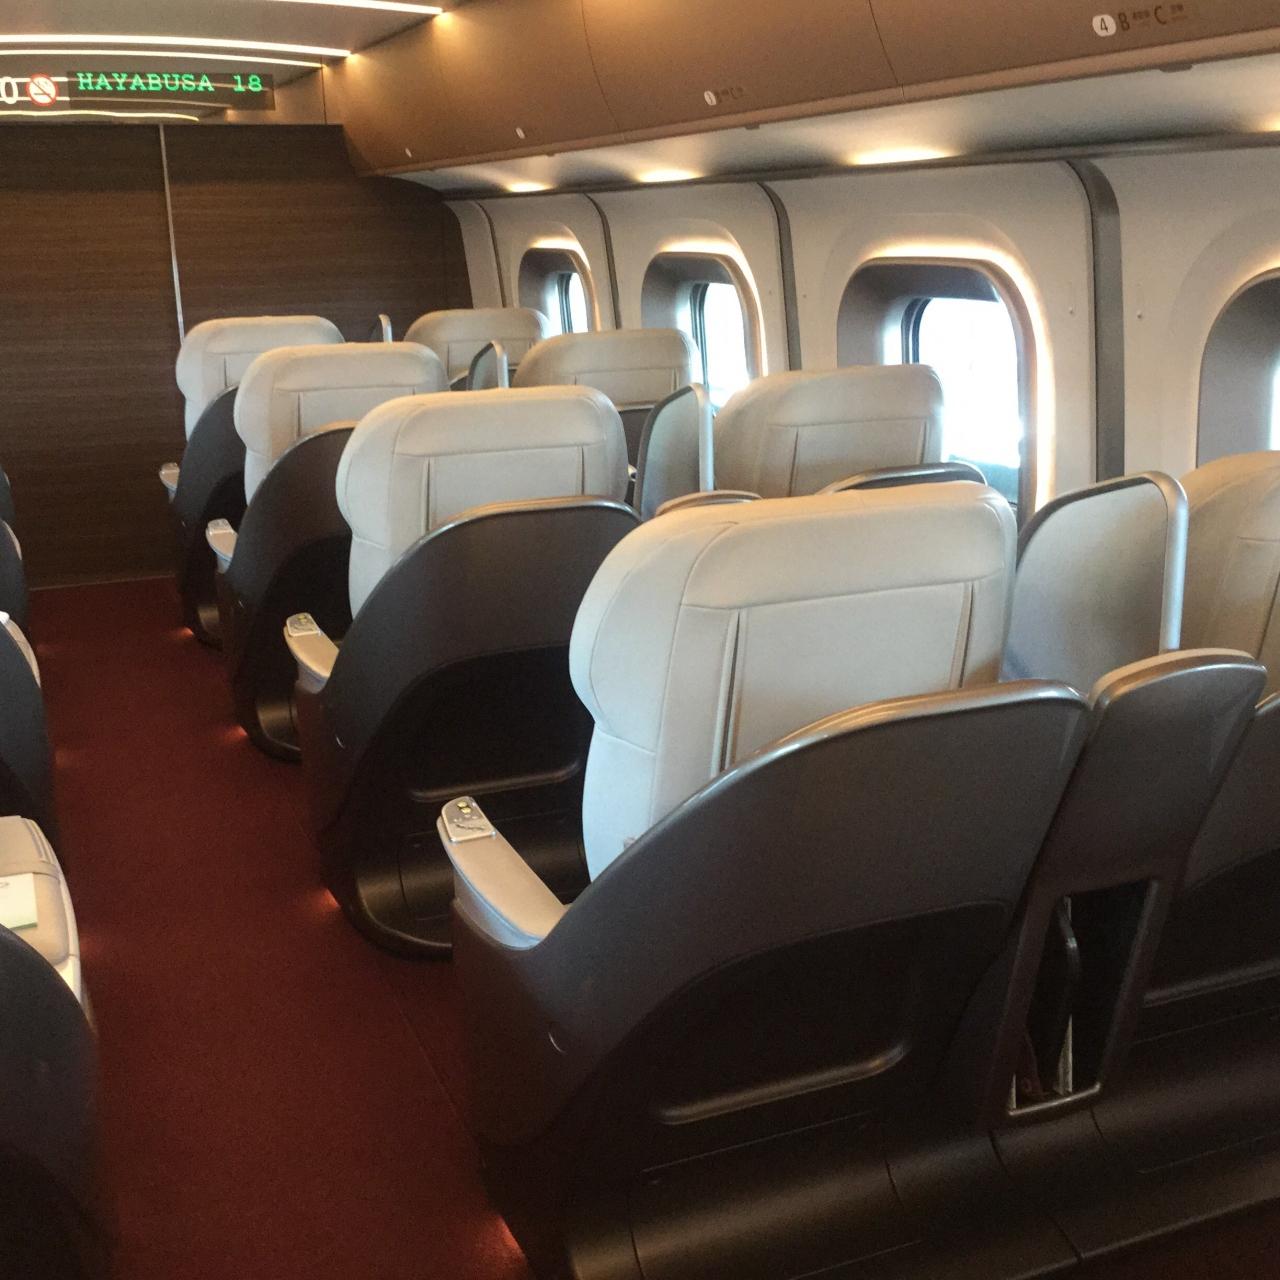 新幹線 クラス 東北 グラン 【新コロ】グランクラス全線を当面の間、営業中止の衝撃